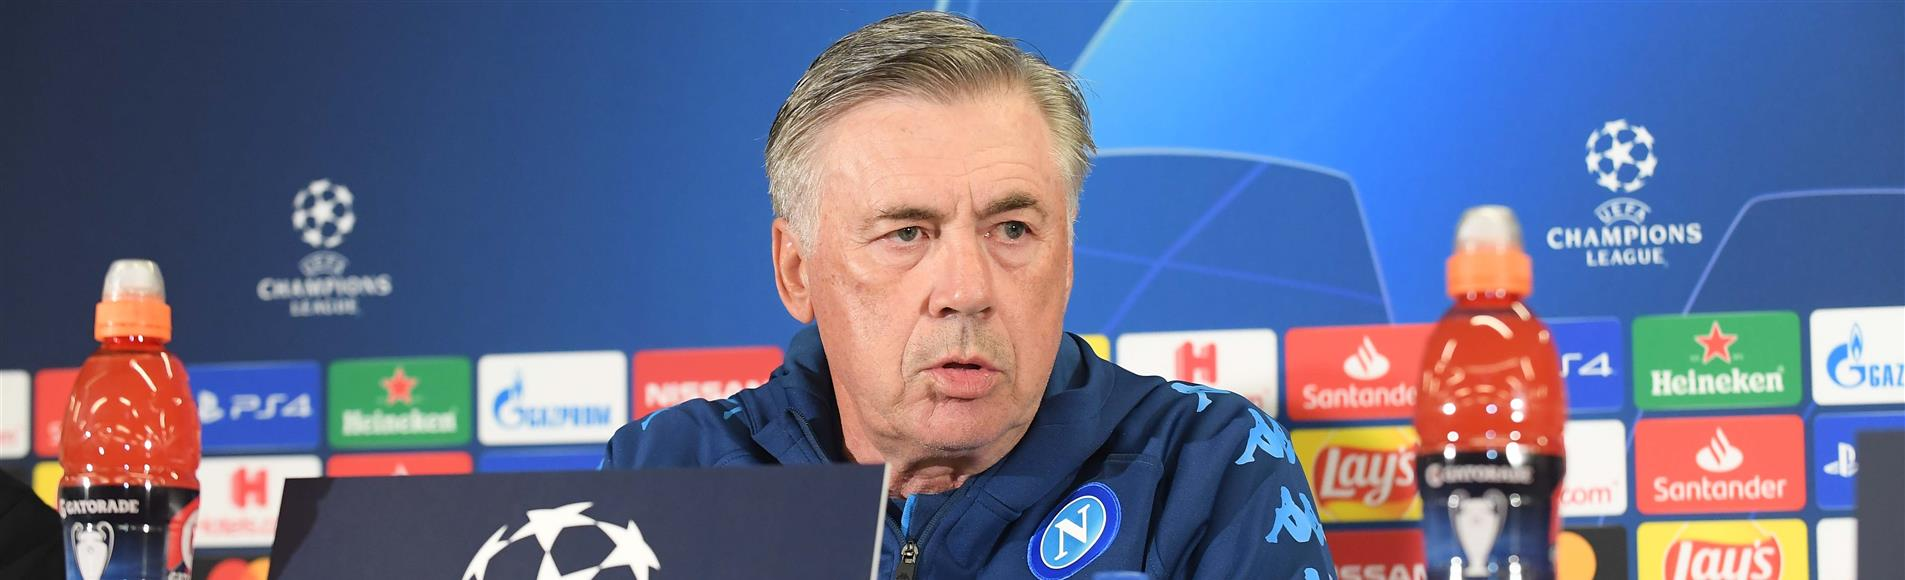 Salisburgo - Napoli, Ancelotti: ci giochiamo molto, voglio coraggio ed intensità